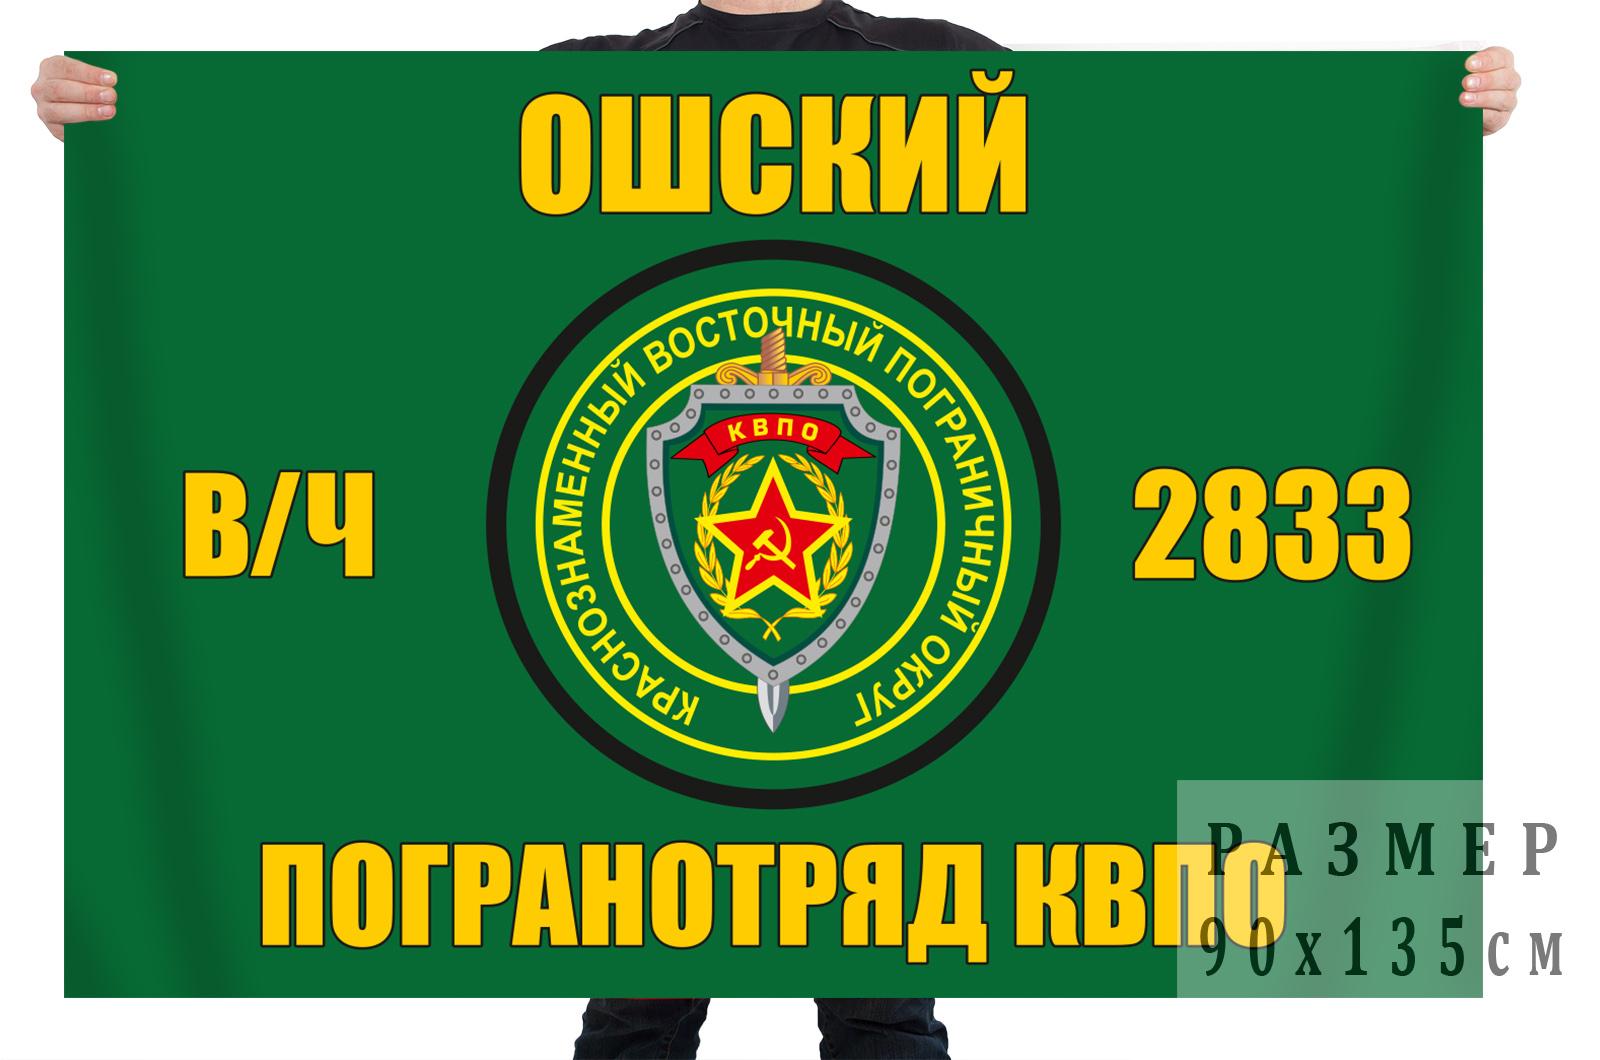 Флаг Ошского Пограничного отряда в/ч 2833